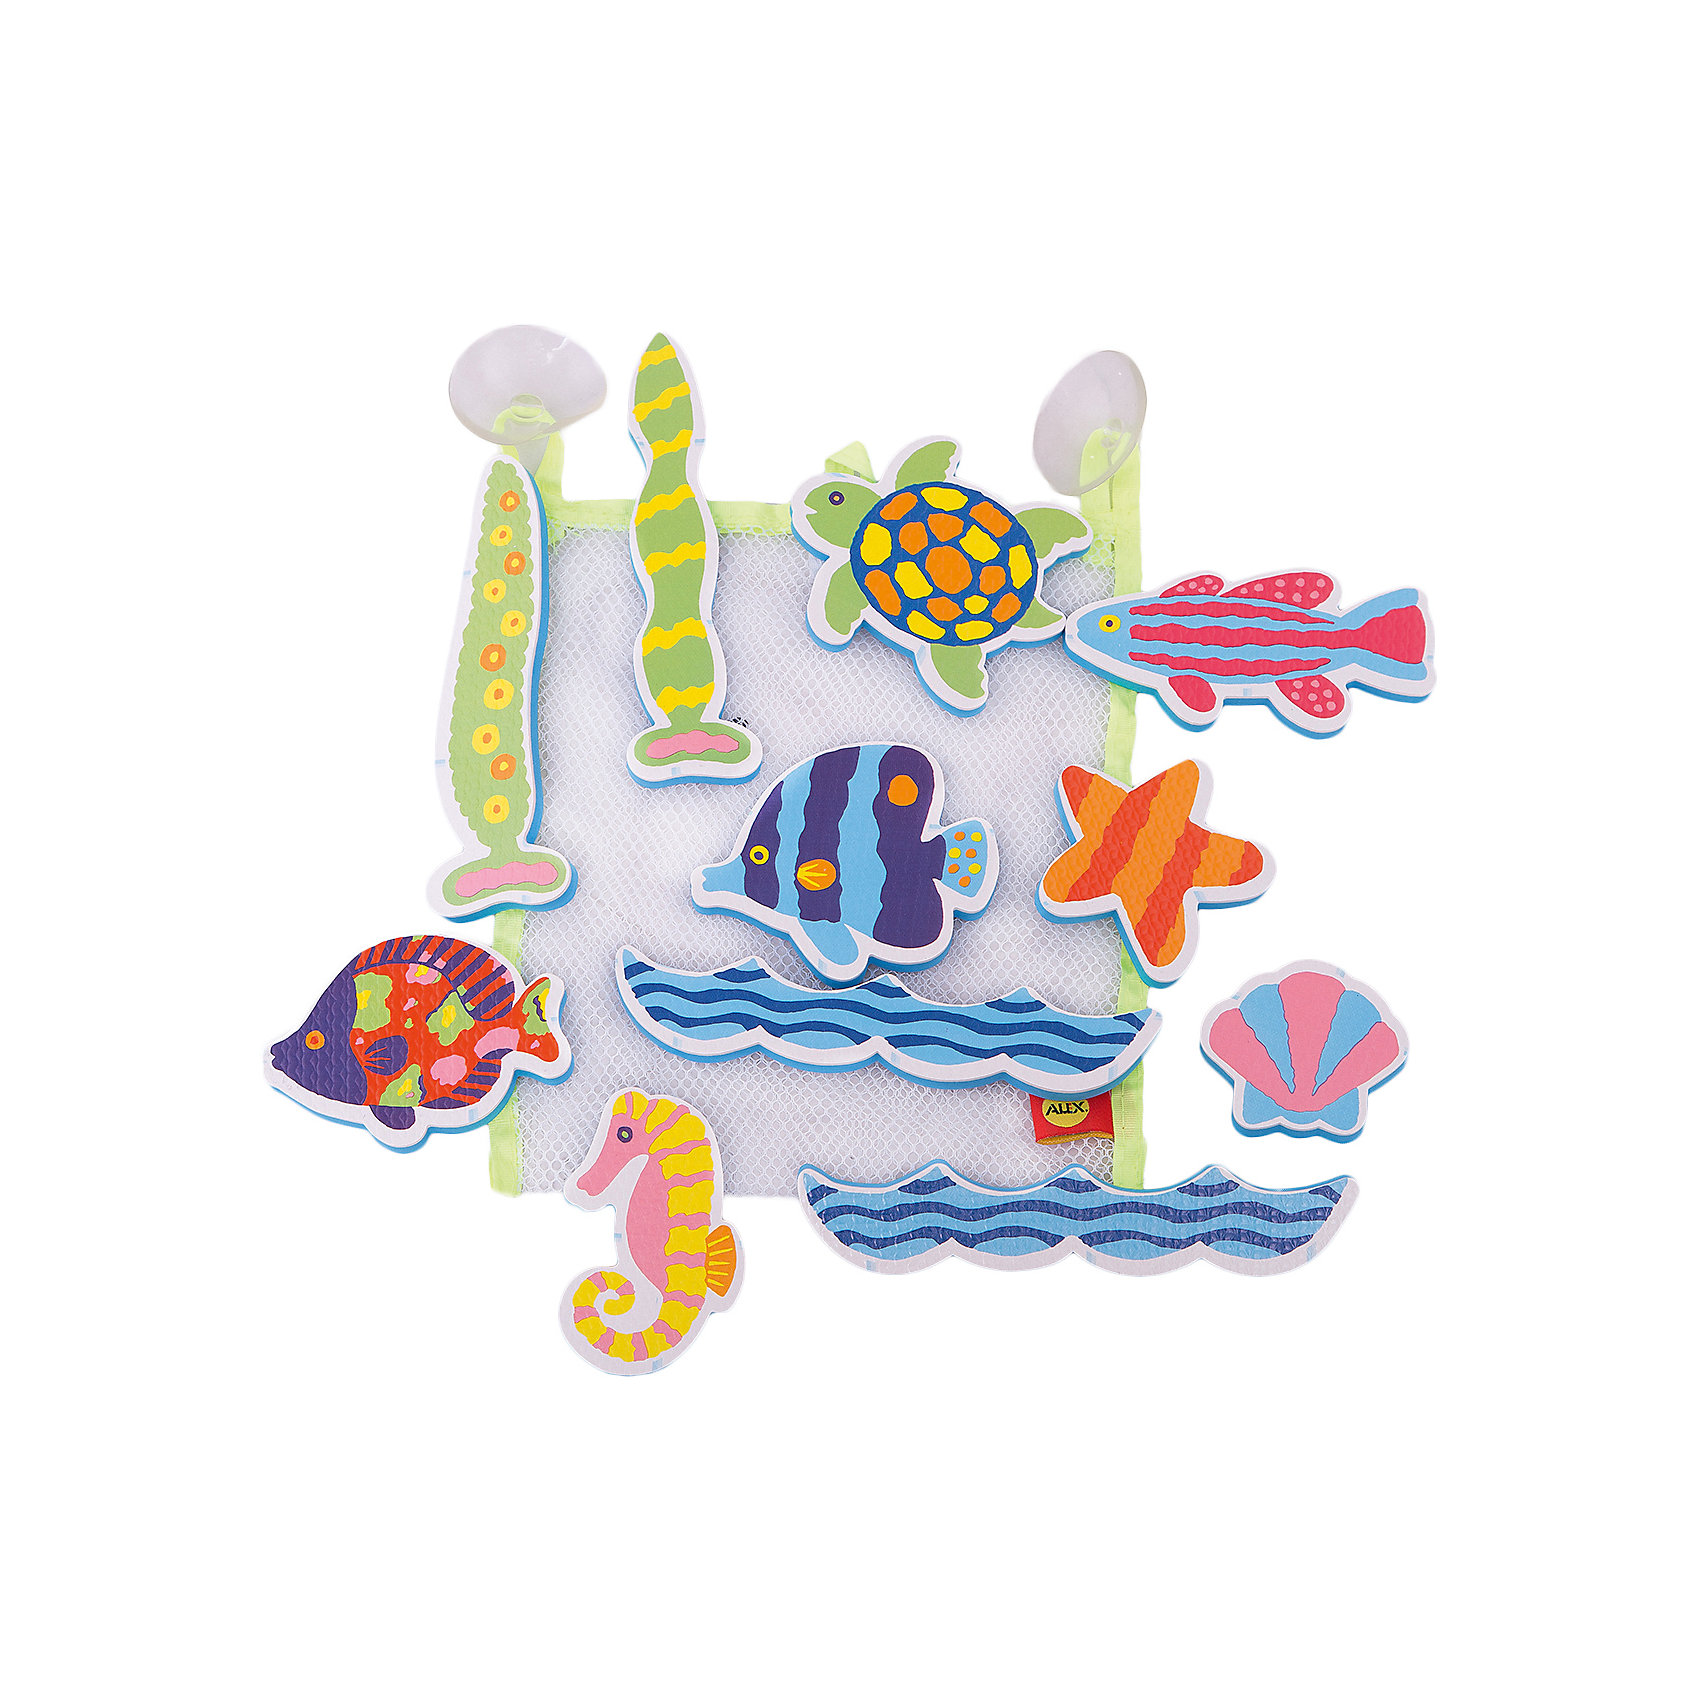 Набор стикеров для ванной Пляж, AlexИгровые наборы<br>Набор фигурок- стикеров для ванной Пляж. В наборе фигурки в виде морских обитателей. Фигурки сделаны из легкого и экологичного материала - вспененного пластика, который крепится к влажной стенке ванны и кафелю.  Упакованы в  сумку-сетку на присосках.<br><br>Ширина мм: 252<br>Глубина мм: 203<br>Высота мм: 53<br>Вес г: 121<br>Возраст от месяцев: 36<br>Возраст до месяцев: 60<br>Пол: Унисекс<br>Возраст: Детский<br>SKU: 2422314